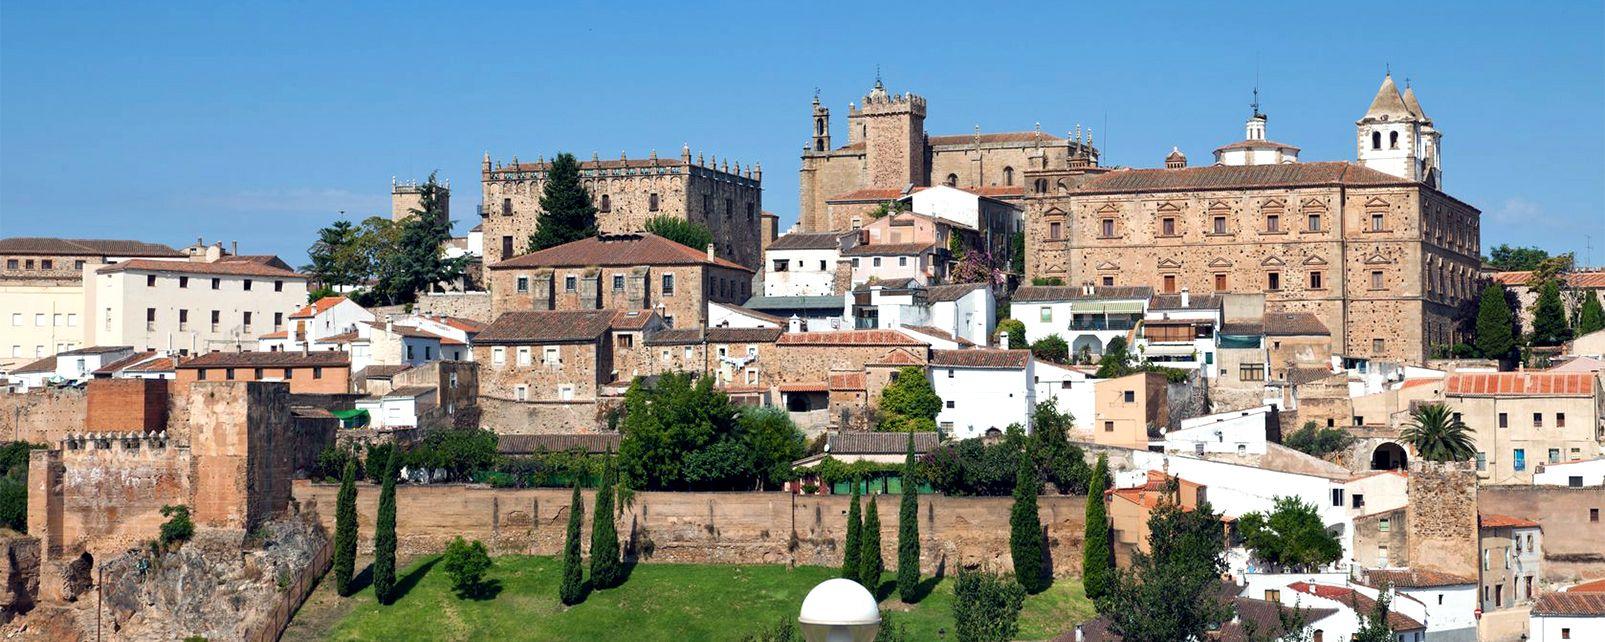 La vieille ville de Caceres , Espagne